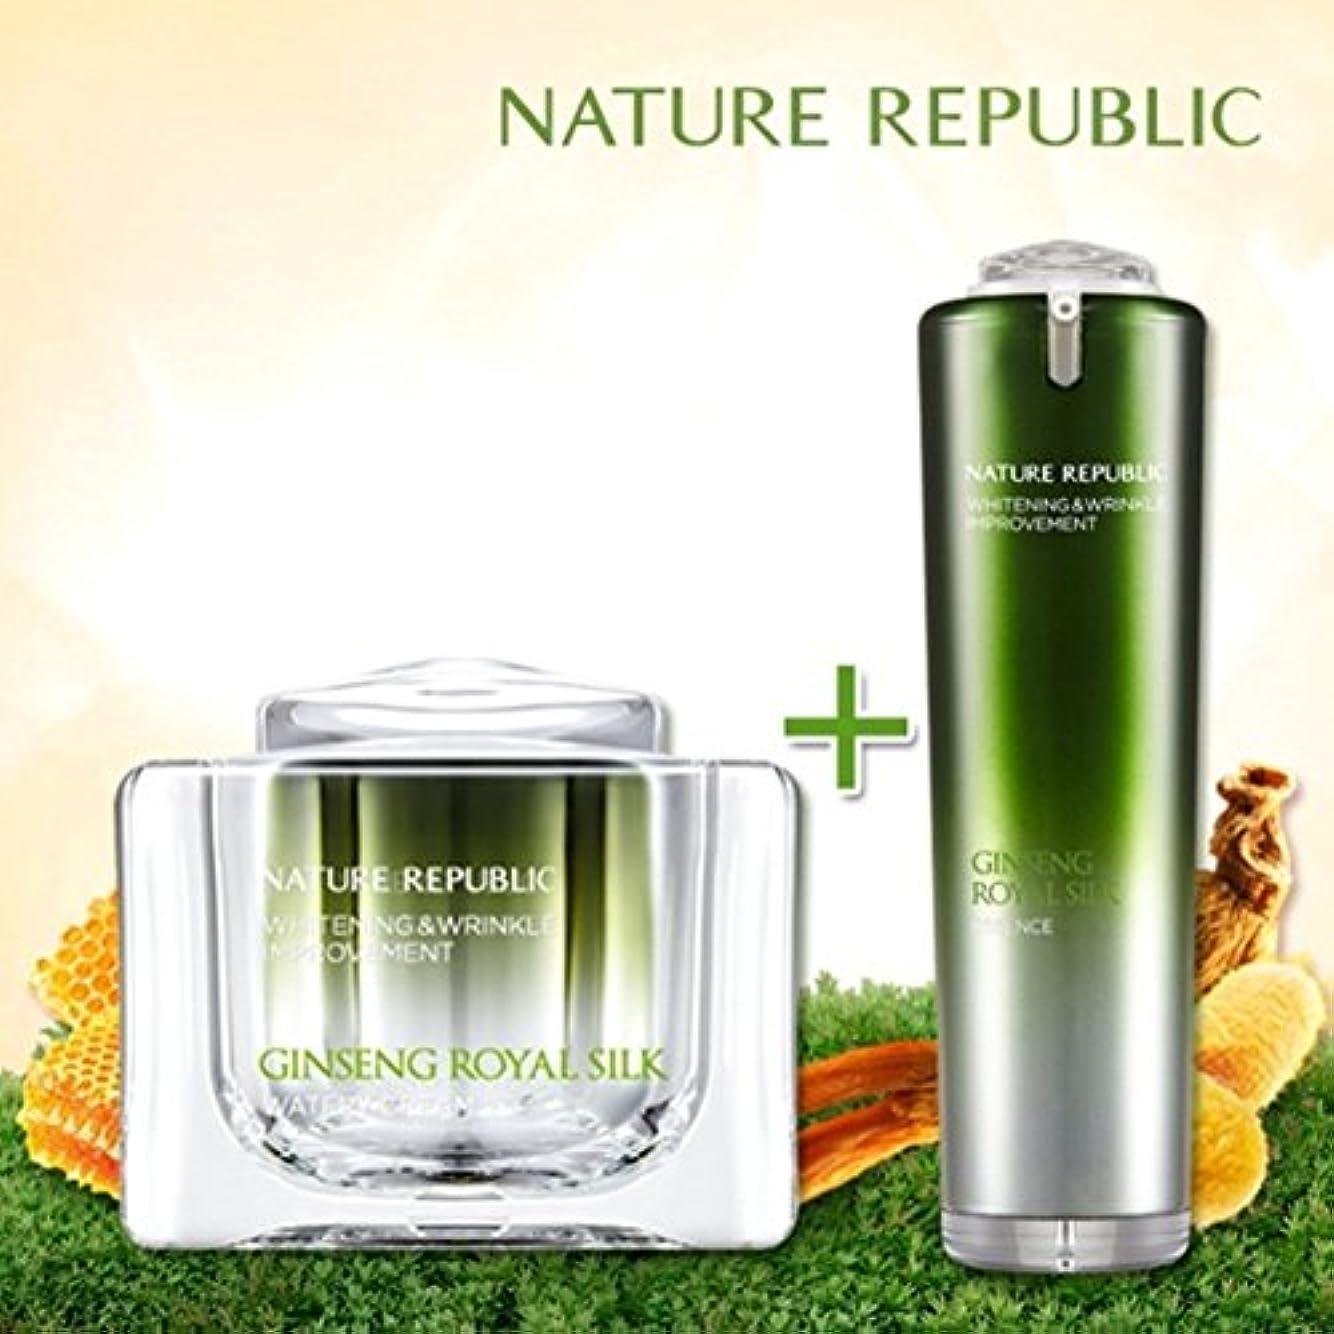 自動化ただやる赤道NATURE REPUBLIC/高麗人参ロイヤルシルクウォーターリークリーム+エッセンス Nature Republic、Ginseng Royal silk Watery Cream+Essence(海外直送品)